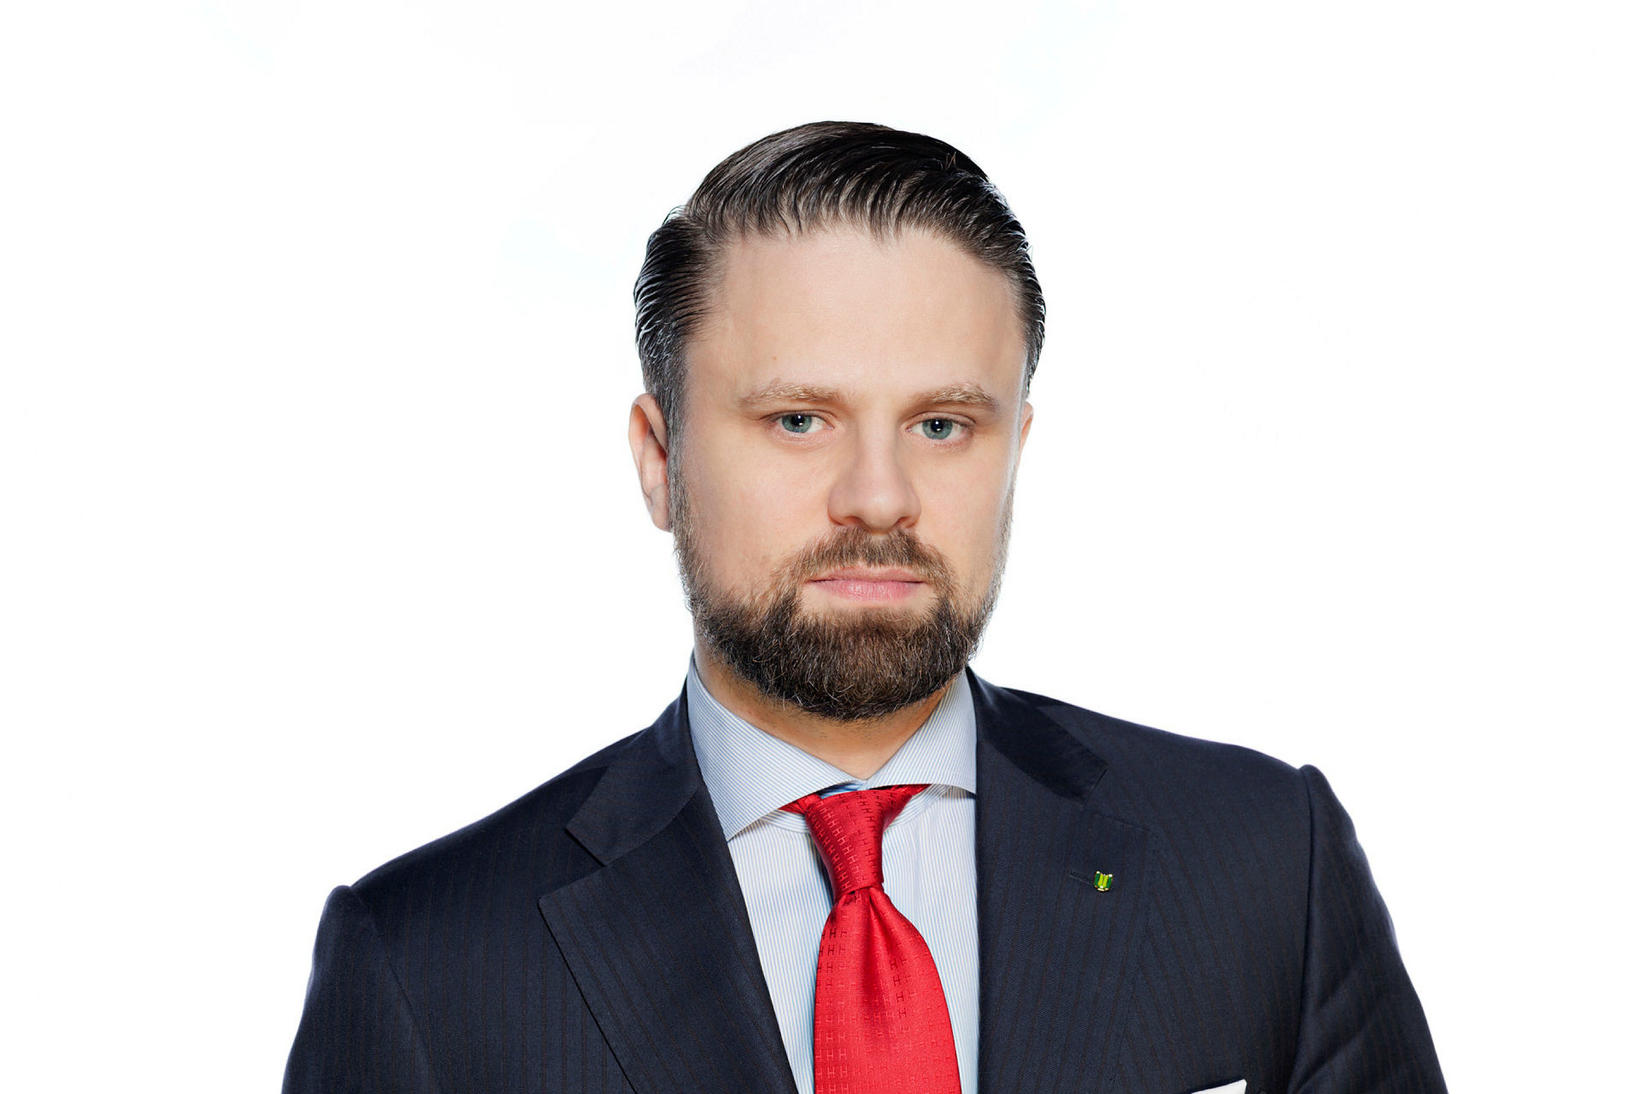 Sævar Þór Jónsson rekur lögmannsstofuna Sævar Þór & Partners.